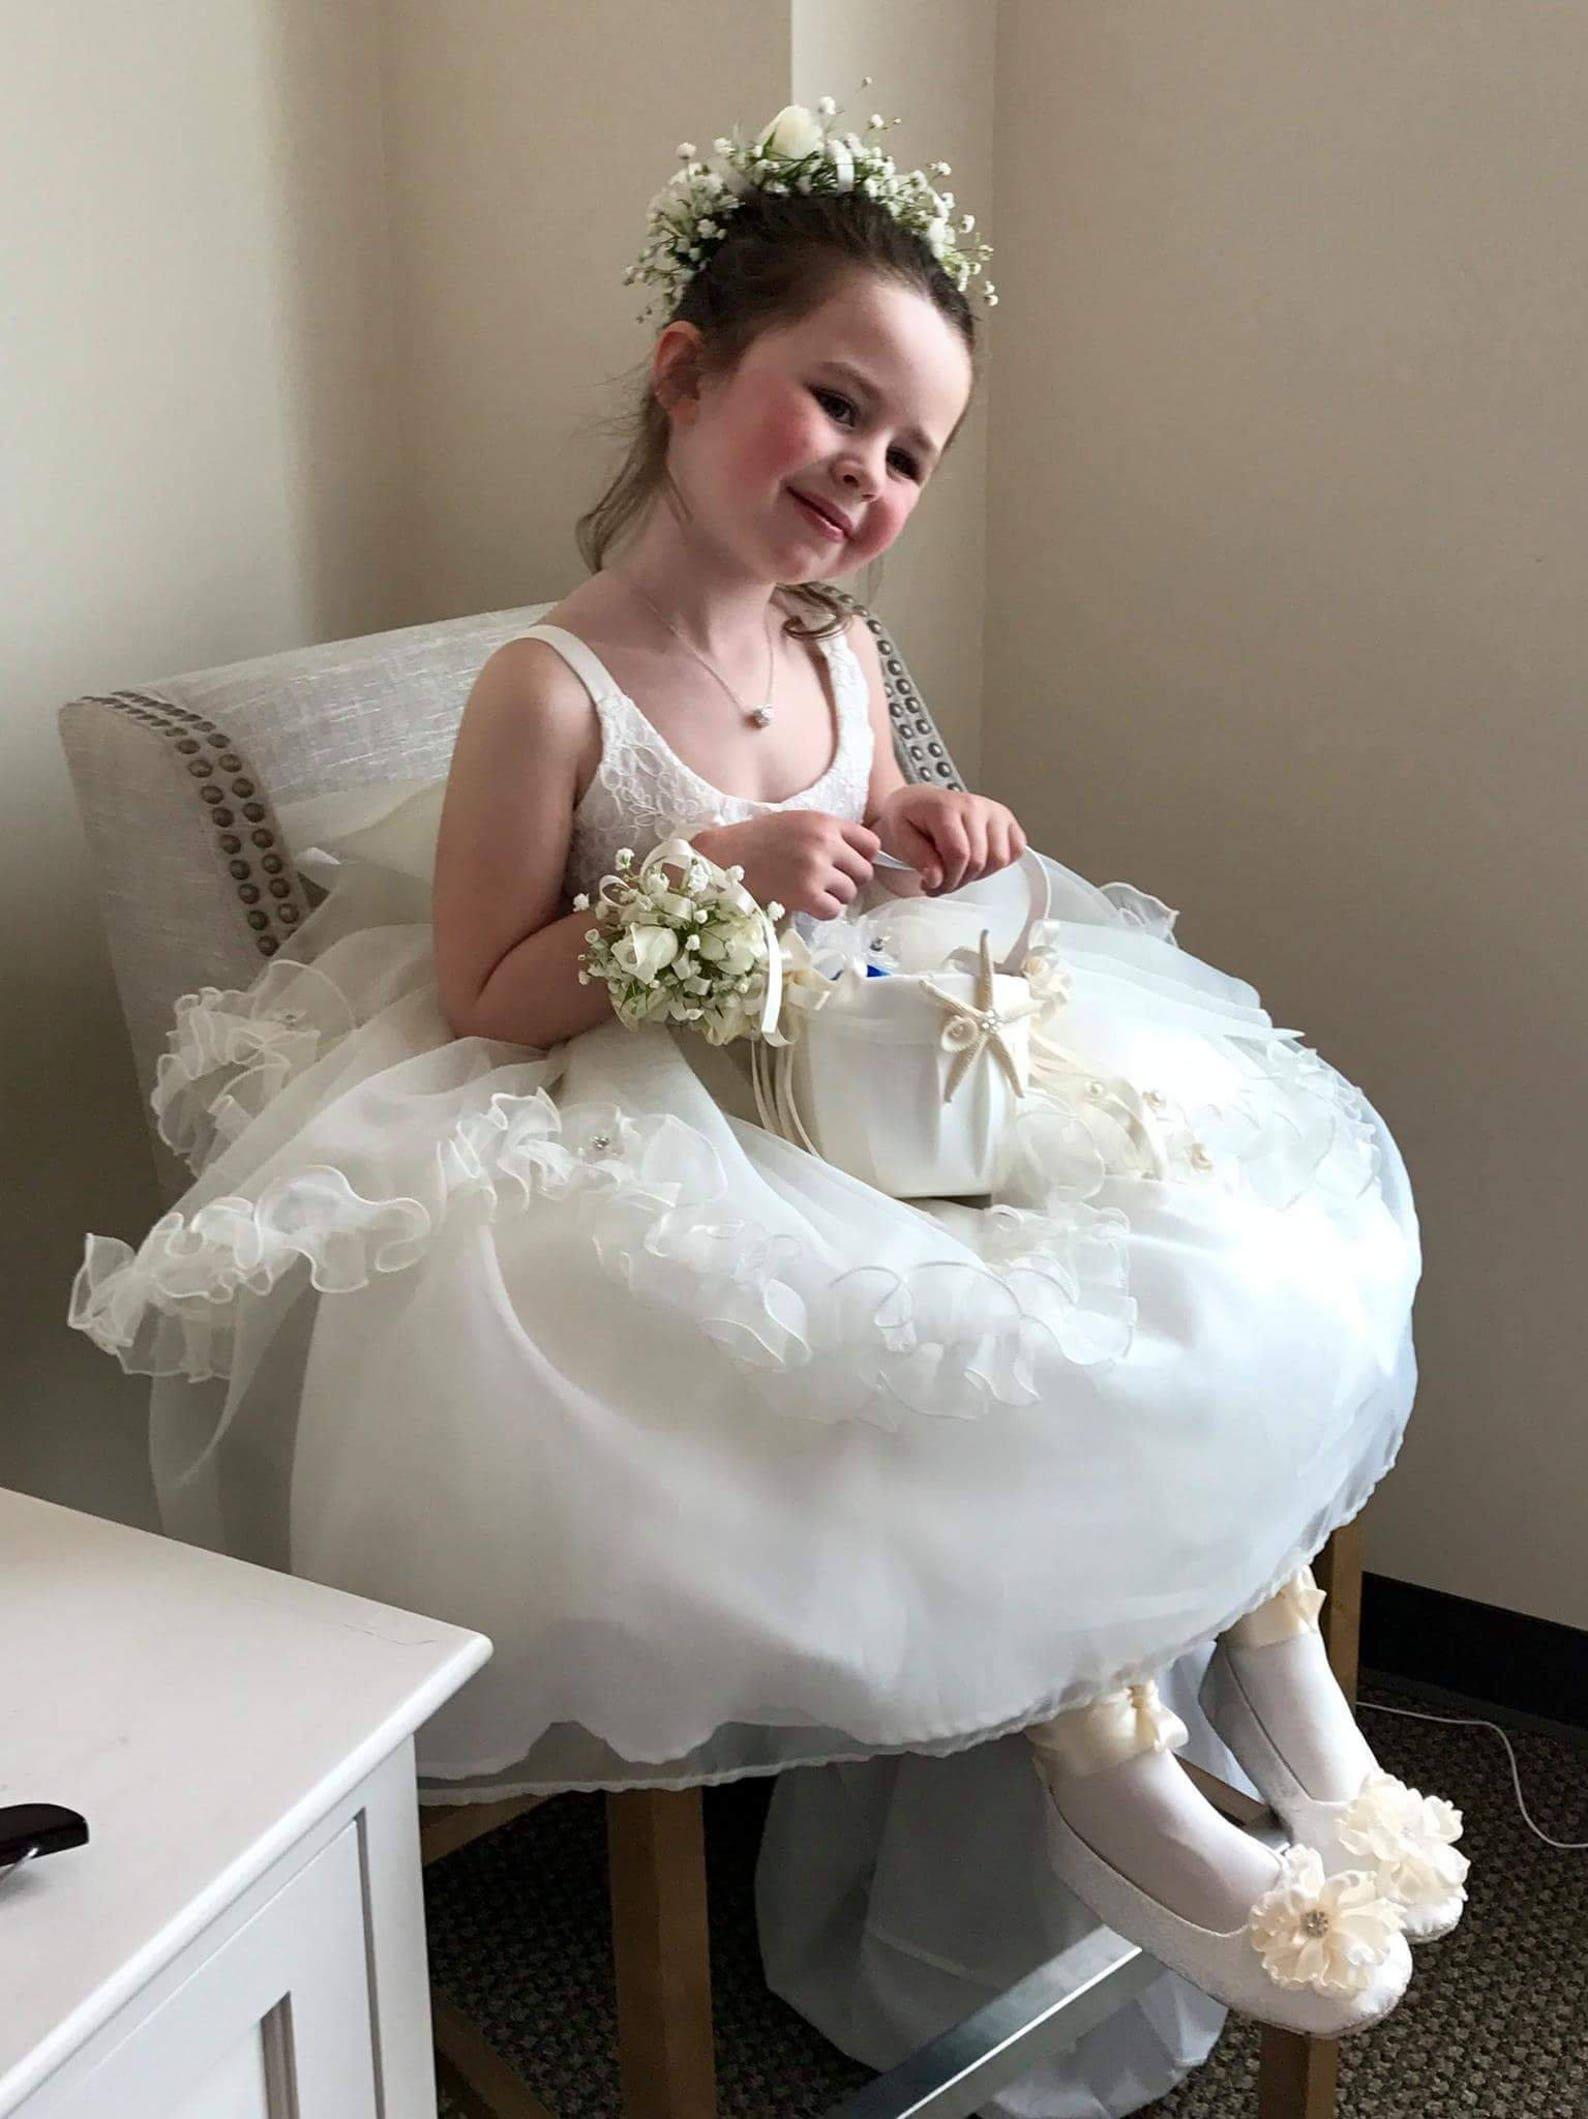 satin flower girl shoe, neutral colors (23 colors), toddler ballet slipper, baby wedding shoe, little girl satin ballet slipper,